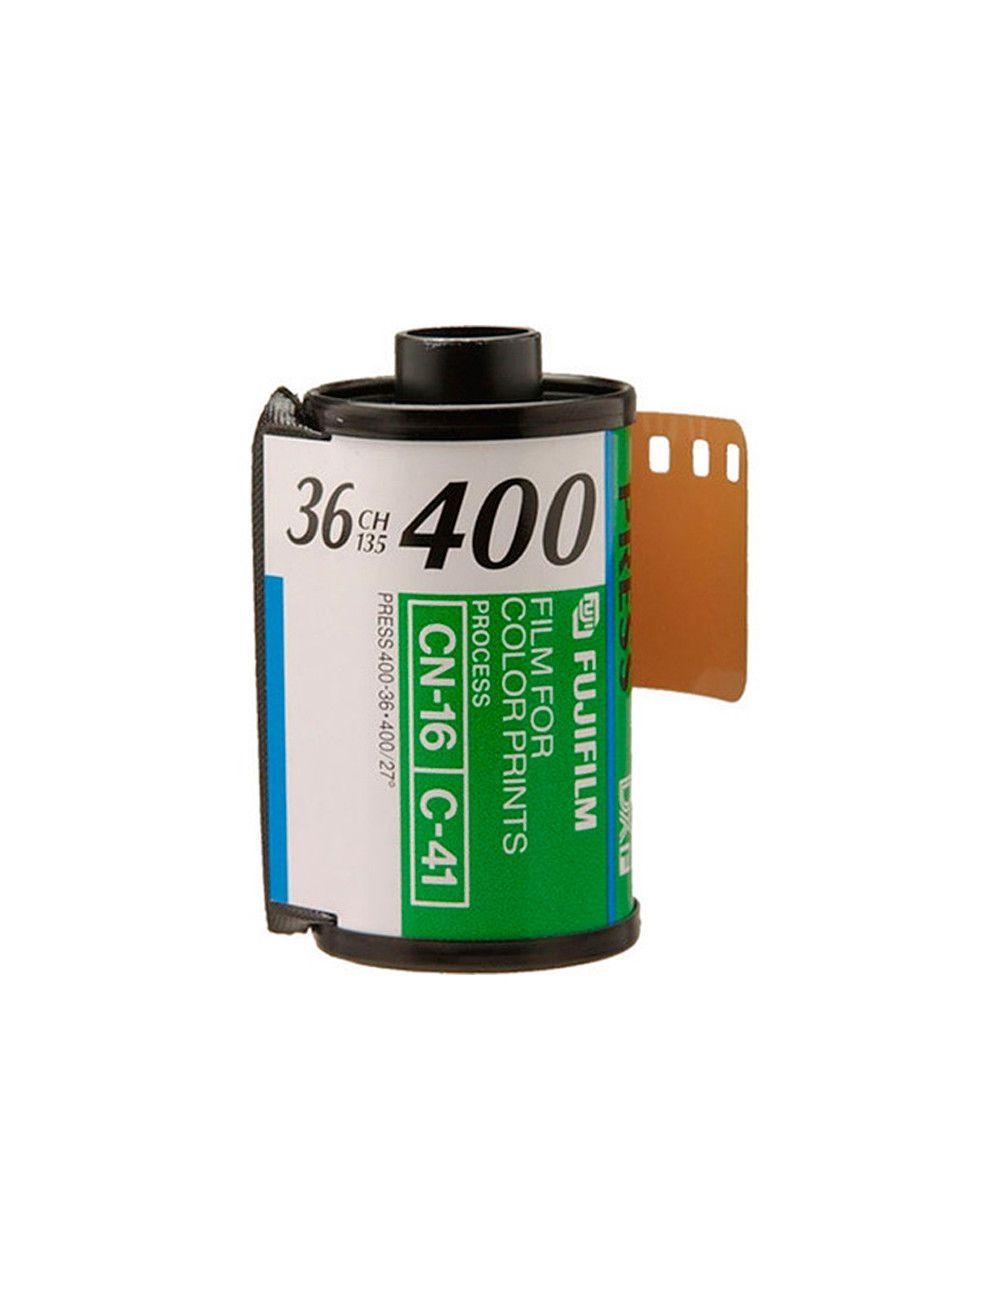 Profoto Air Remote TTL Para Fujifilm - Trigger y Controlador a Distancia de tus Profoto